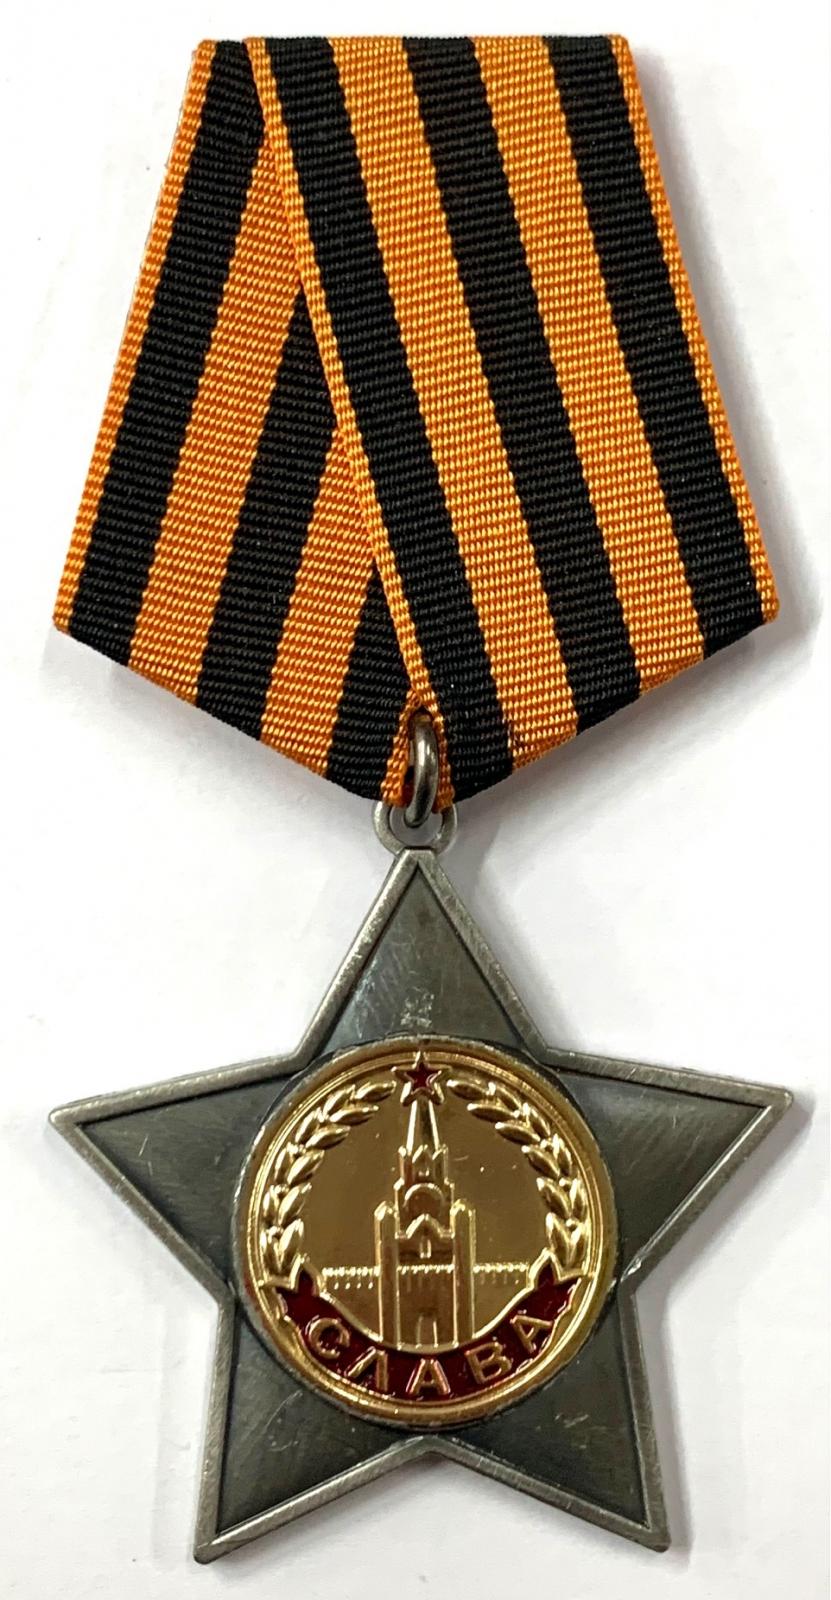 Муляж Ордена Славы 2 степени